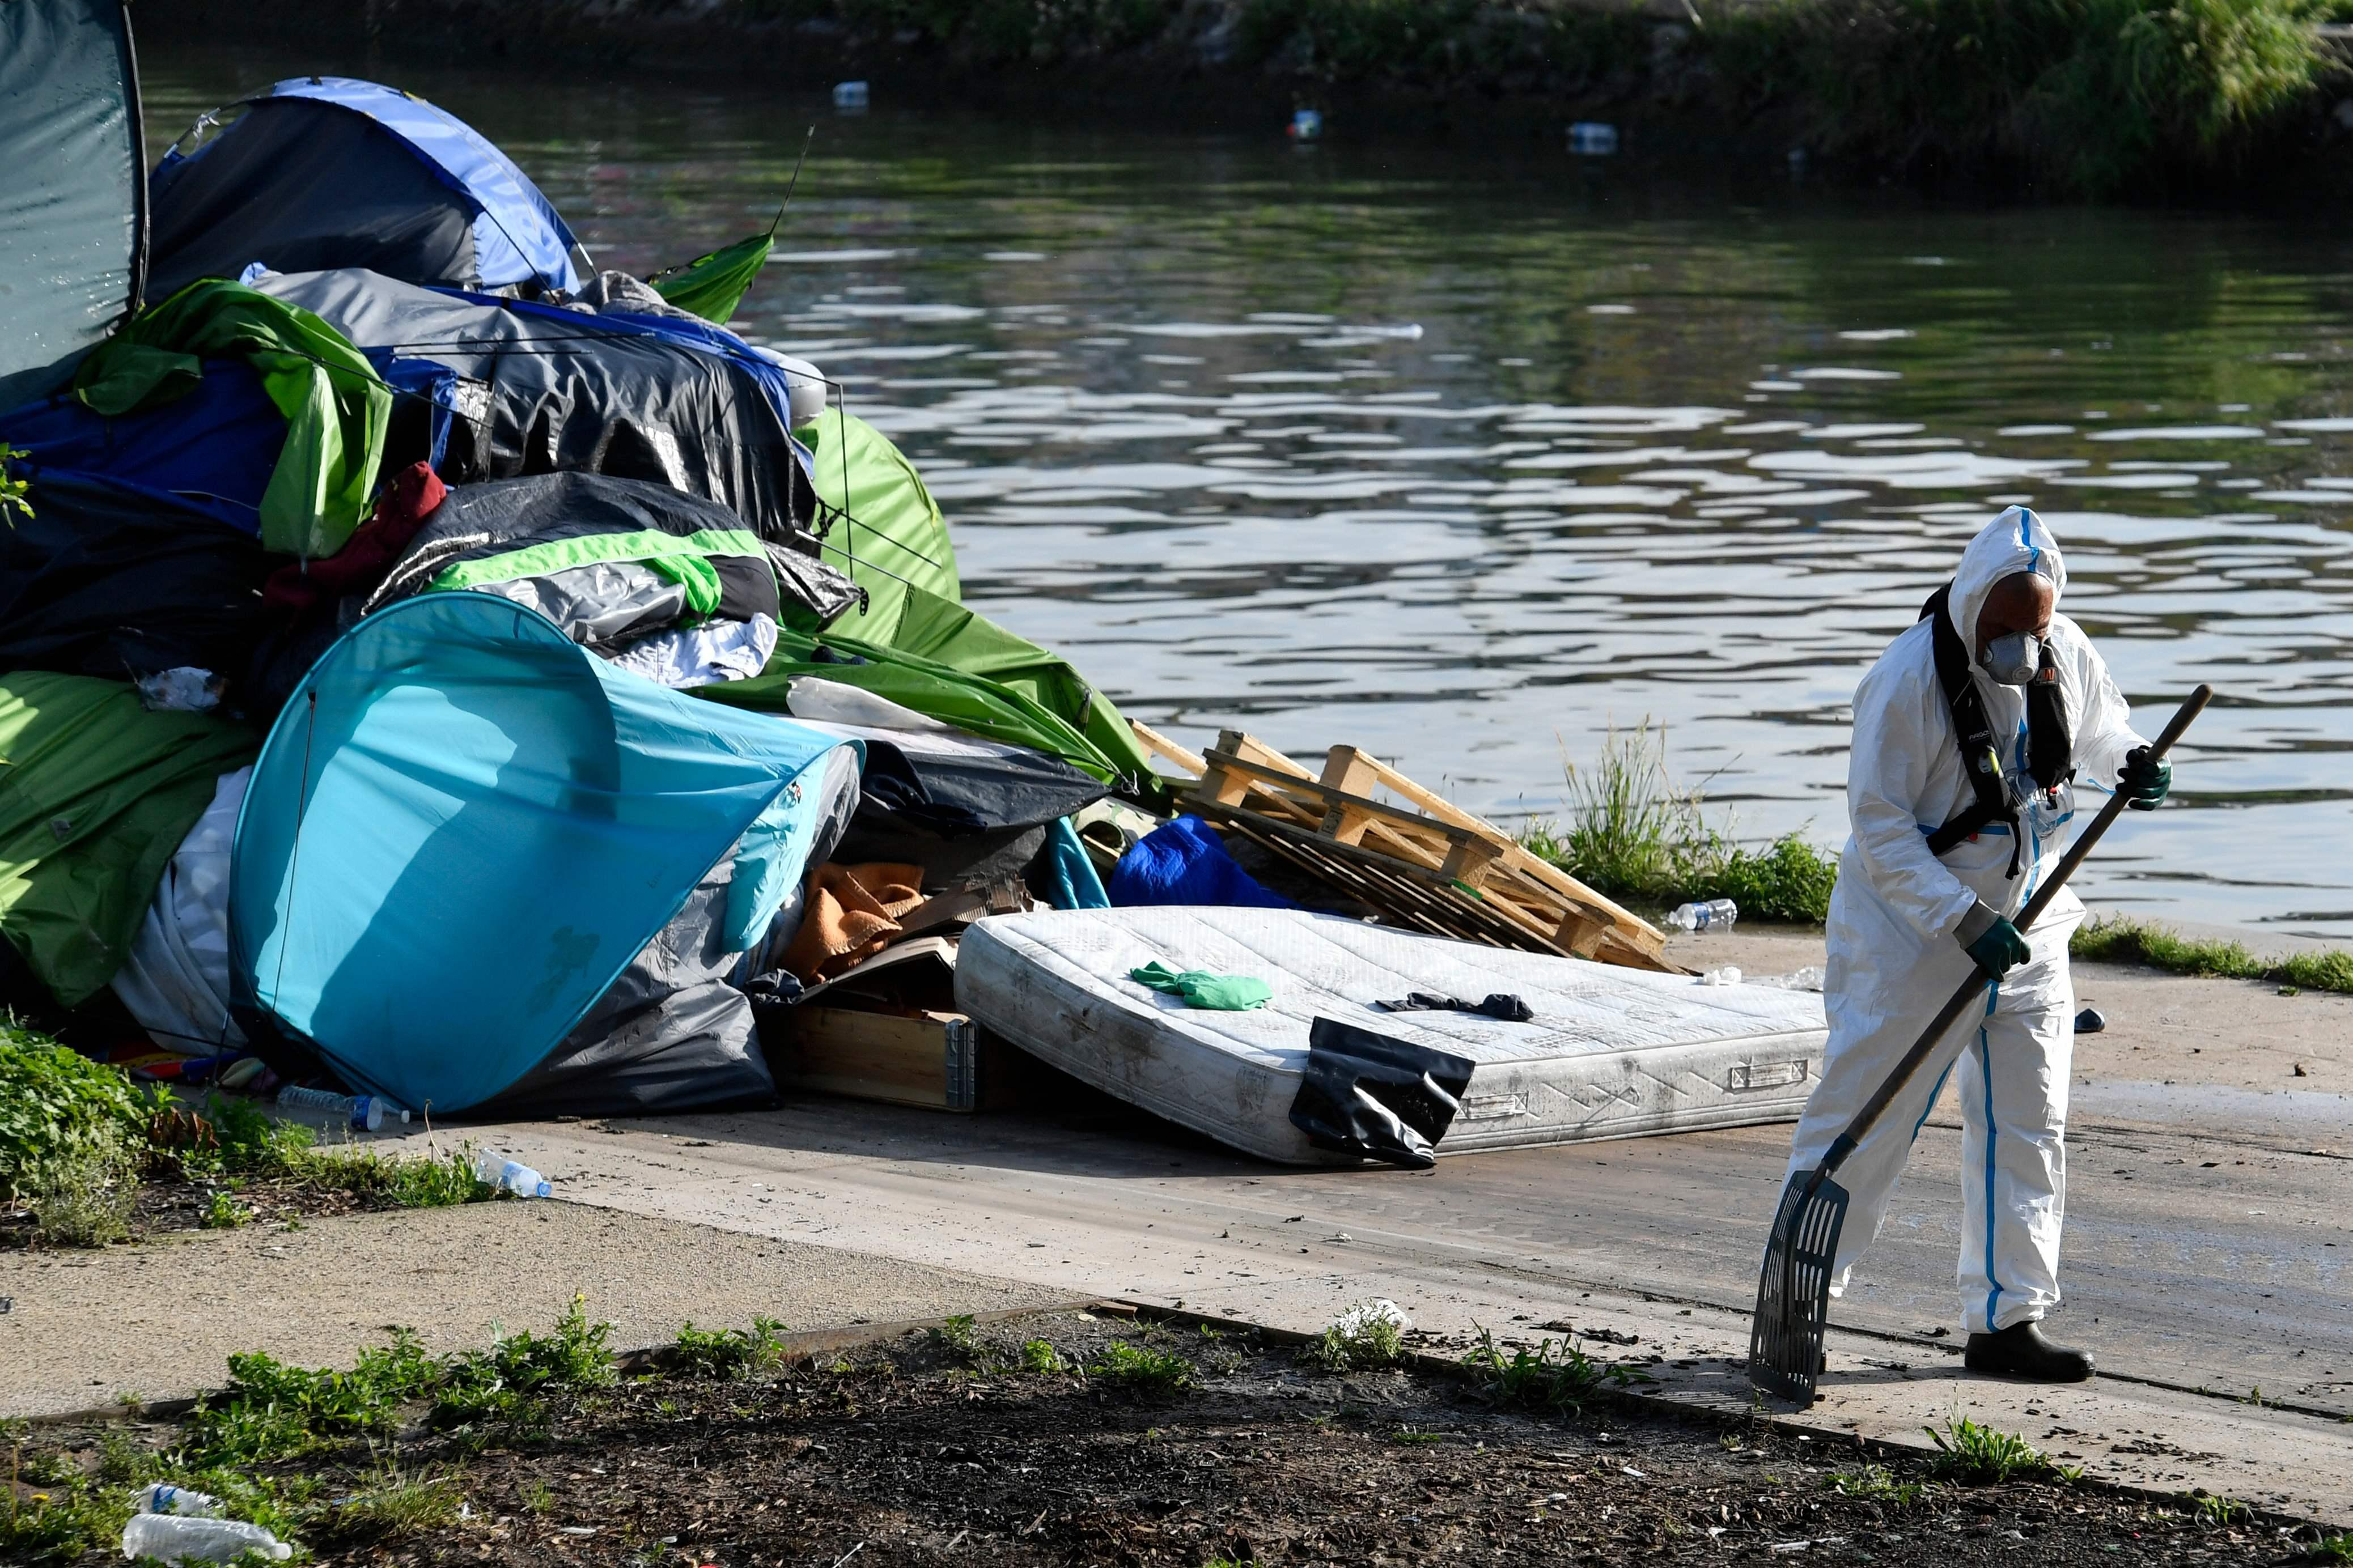 تنظيف وتطهير موقع خيام المهاجرين فى باريس